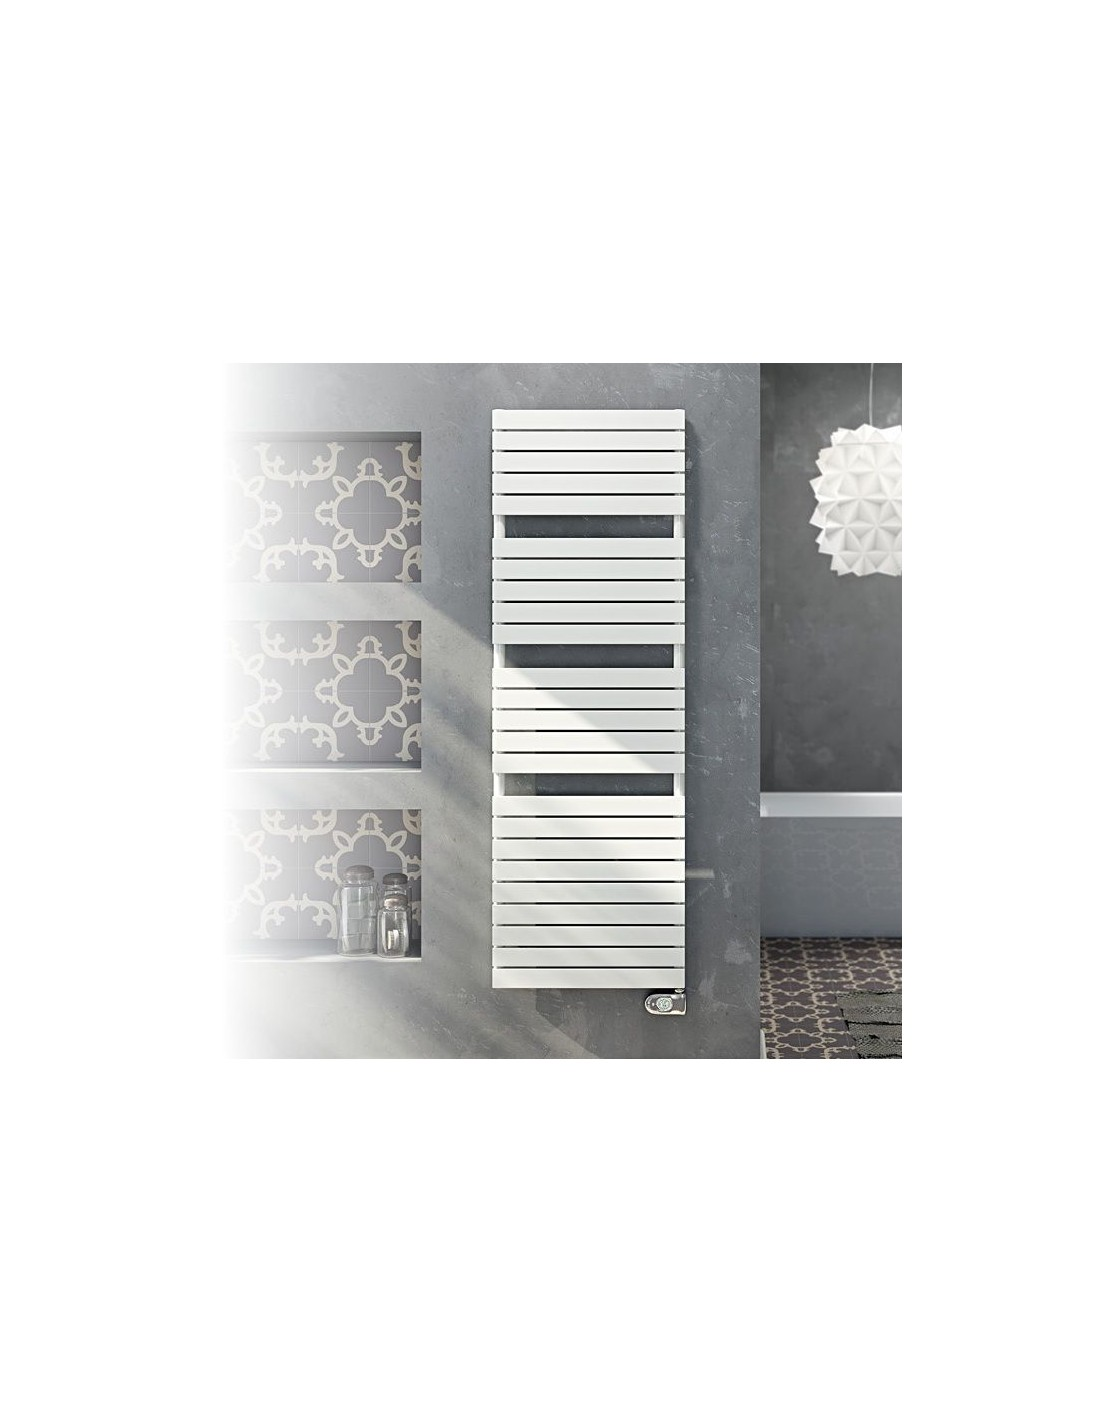 Sèche serviettes électrique Dory 450W finition blanche